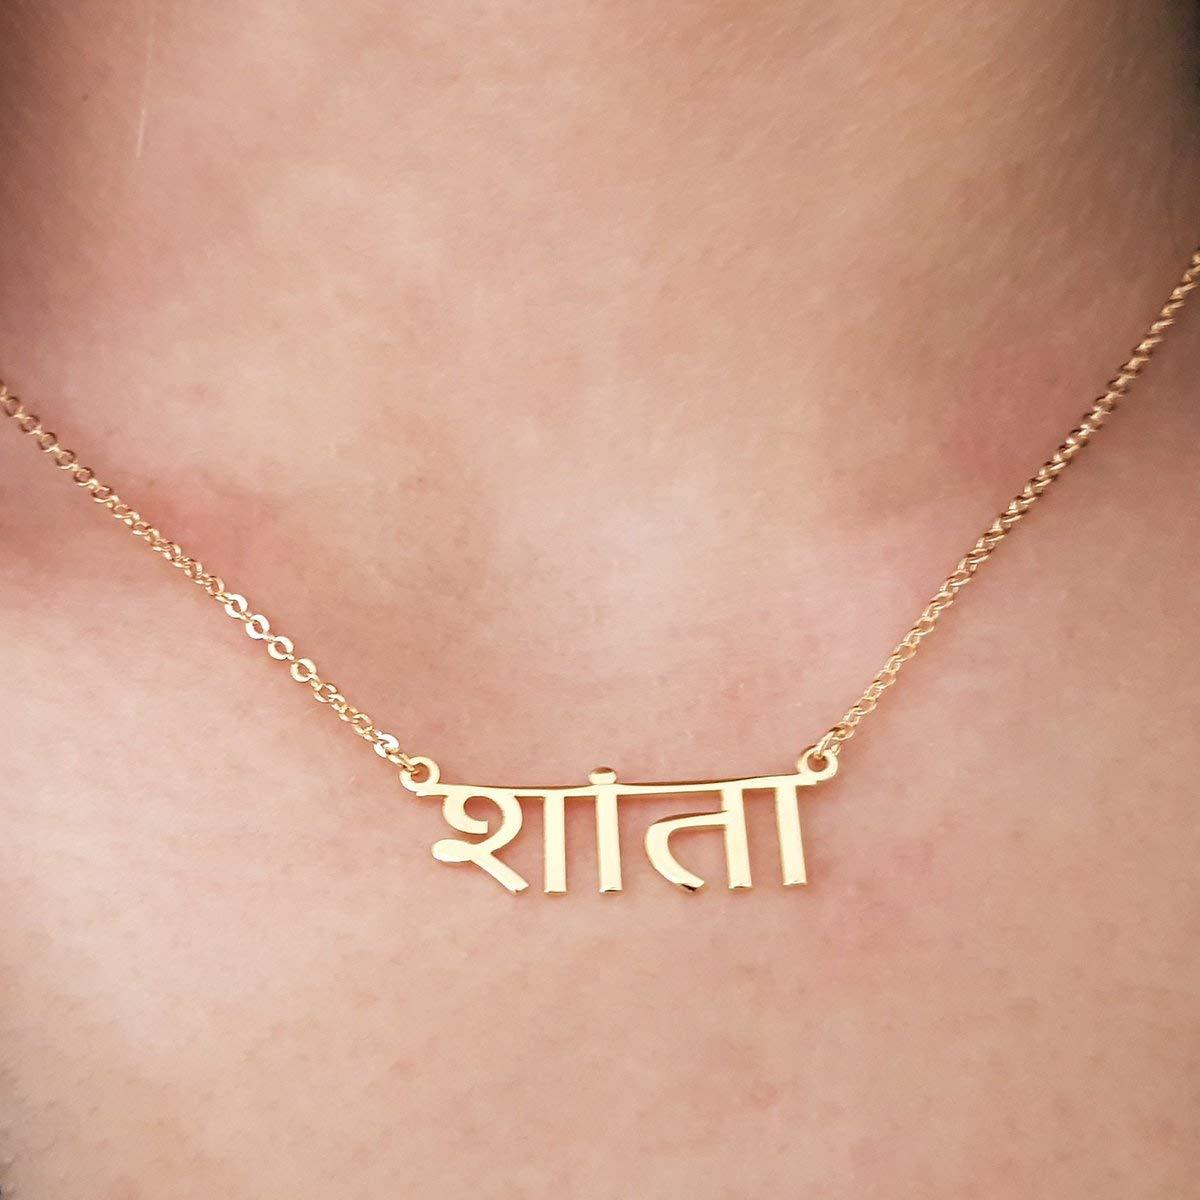 15836426f4c30 Amazon.com: Personalized Hindi Name Necklace Custom Hindi Name ...